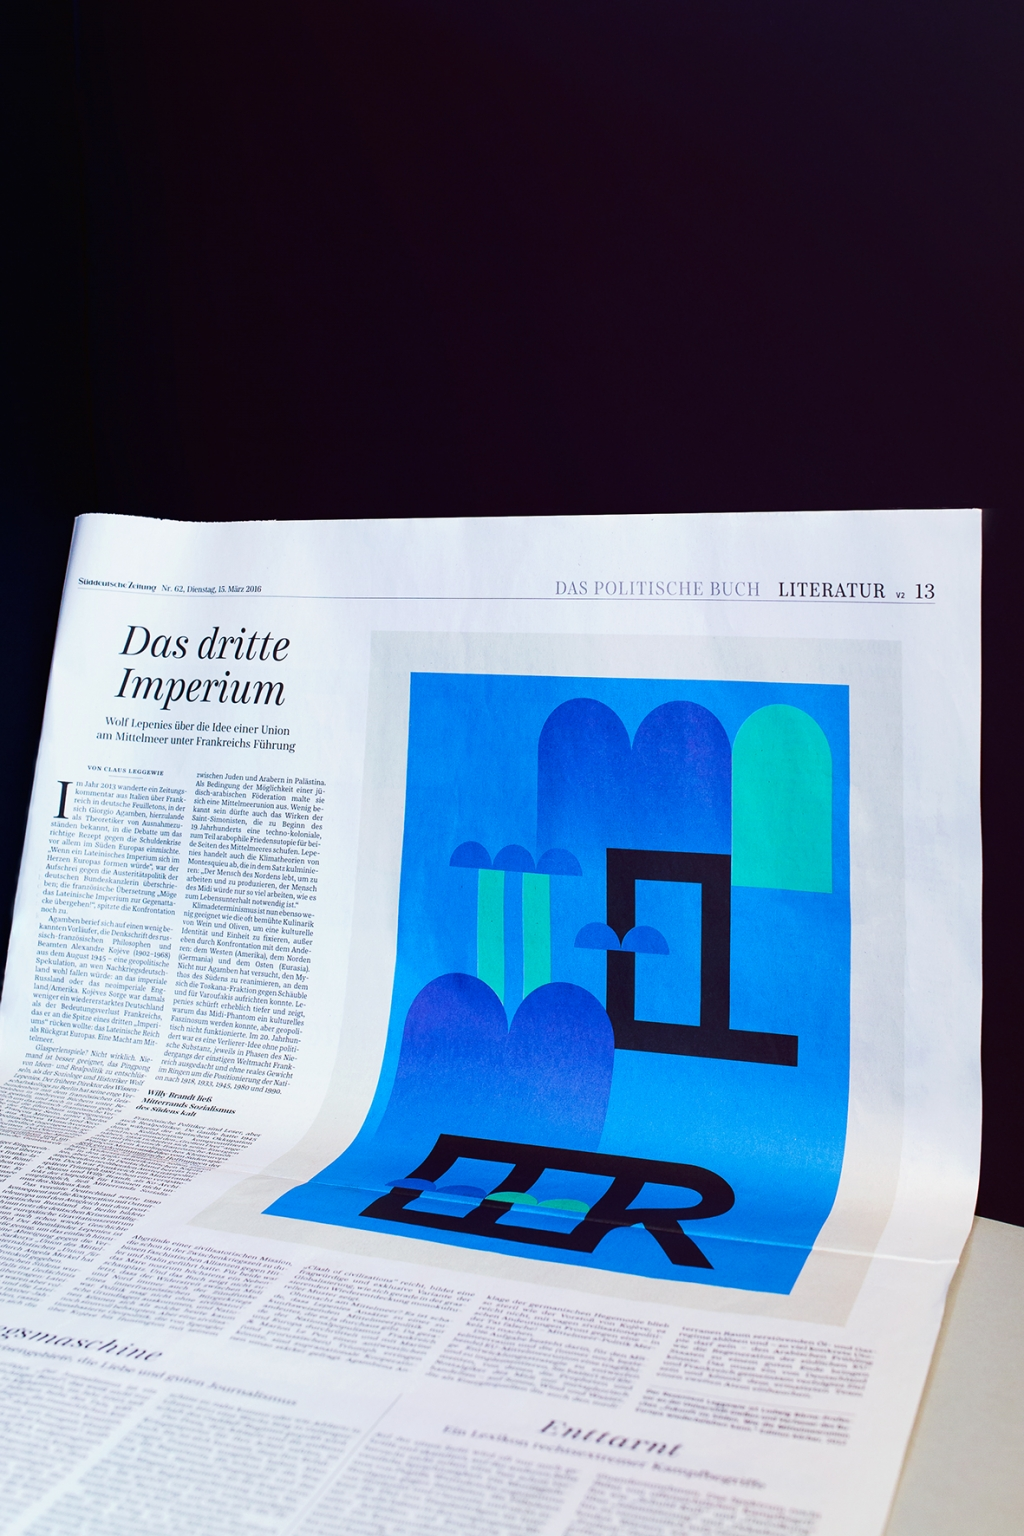 Daniela Wiesemann Literaturbeileger – Süddeutsche Zeitung